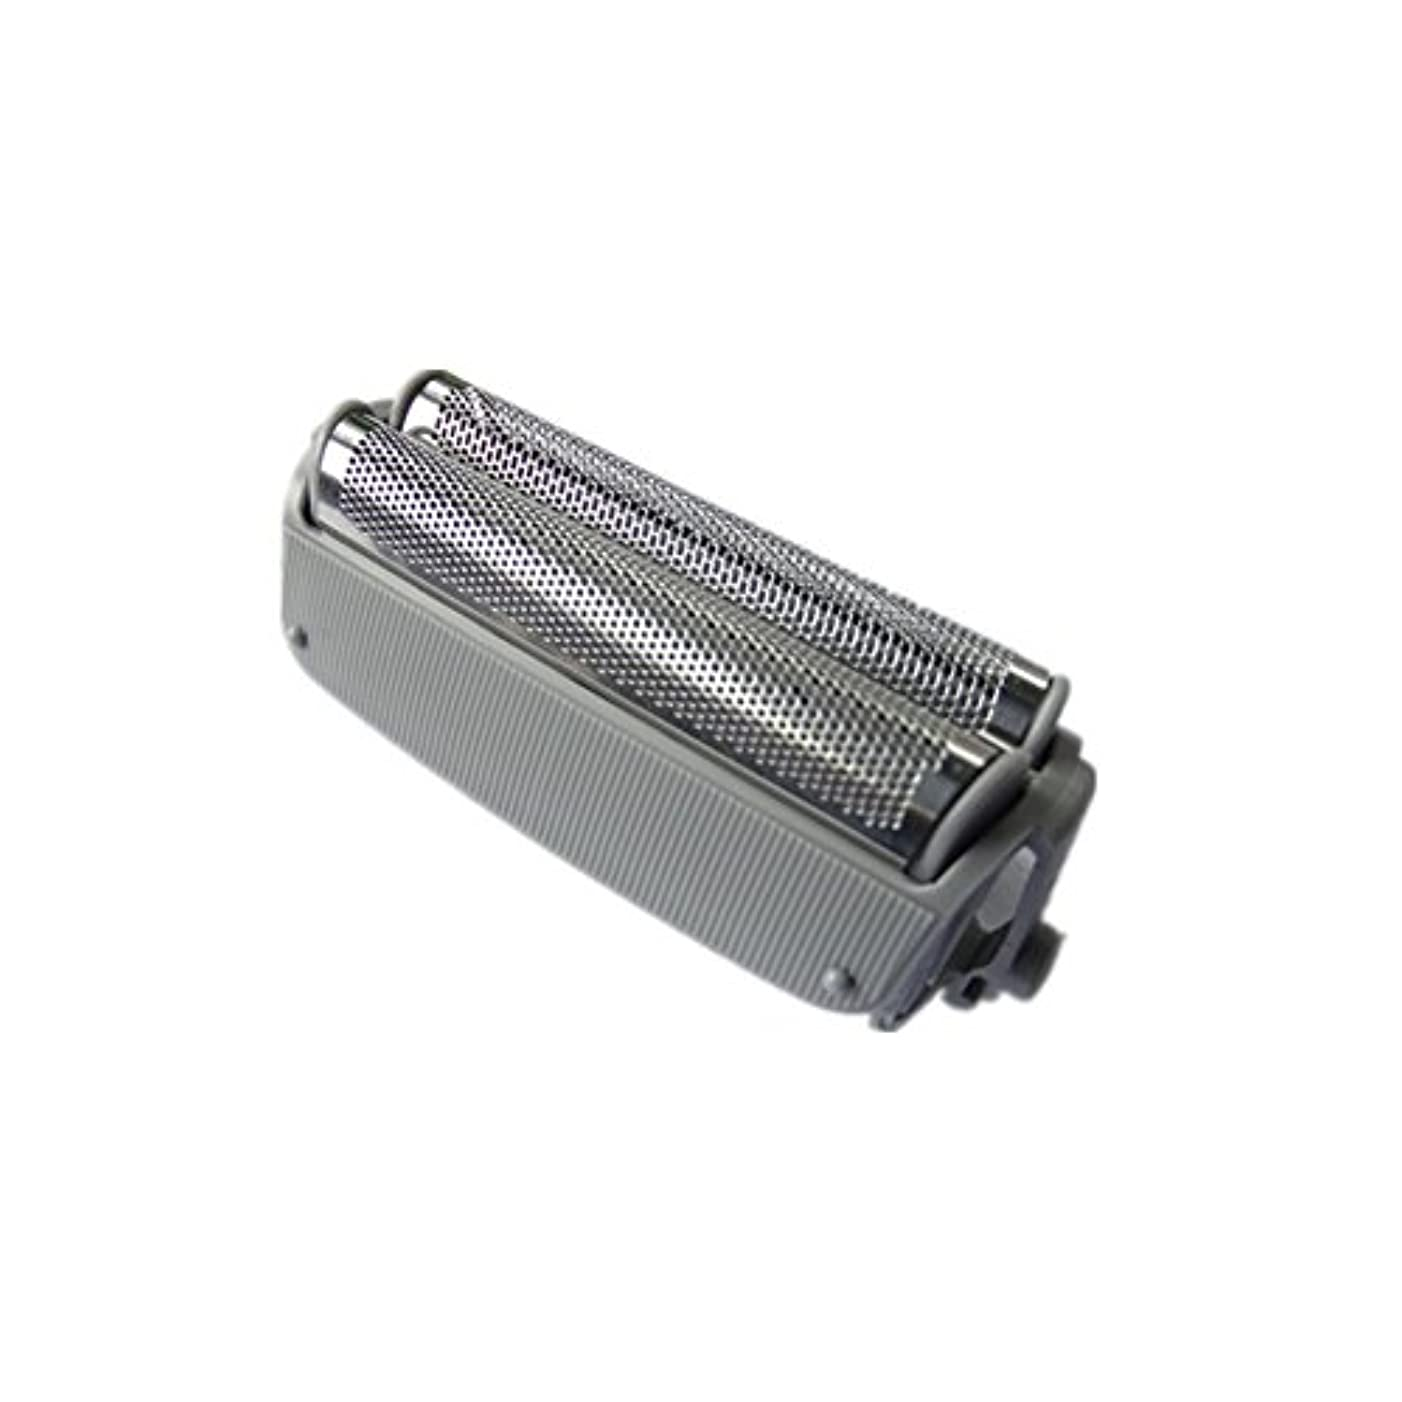 操作マイコン酸化物HZjundasi Replacement Shaver Outer ホイル for Panasonic?ES4033/4035/4036/4027/RW30